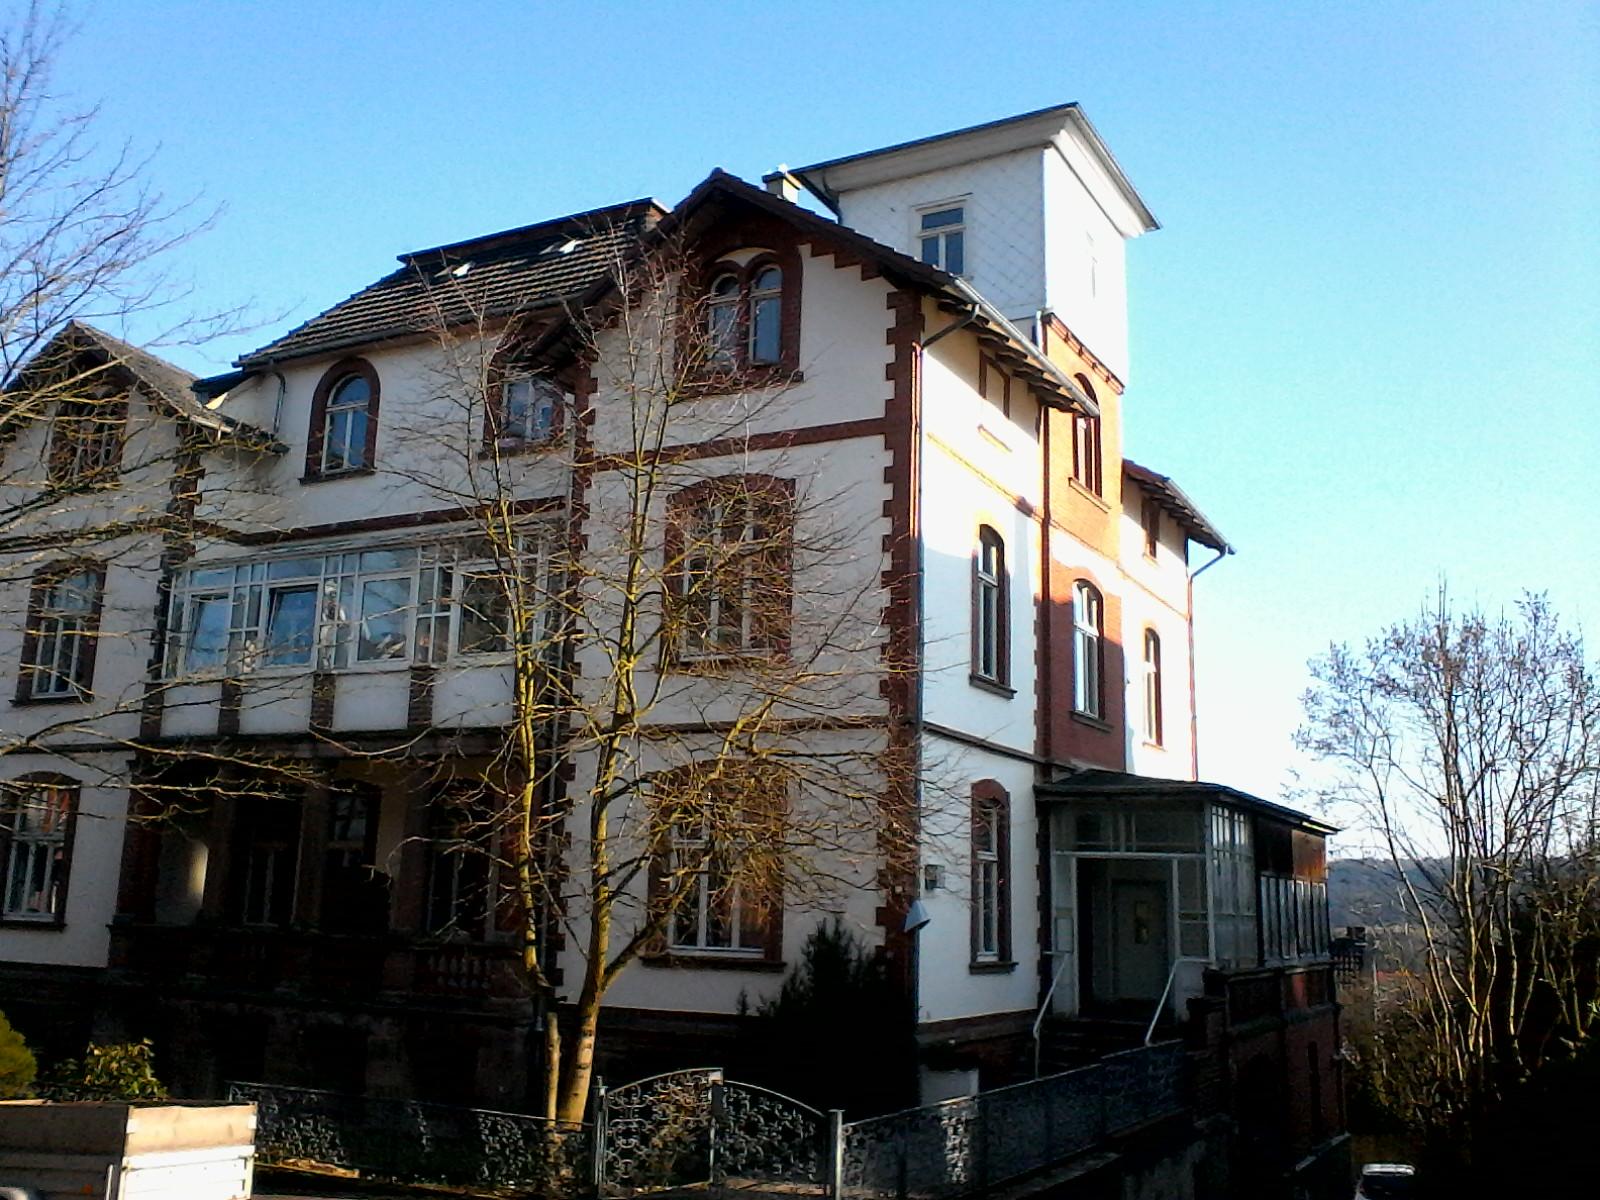 Haus Hufelandstraße 13 von der Seite